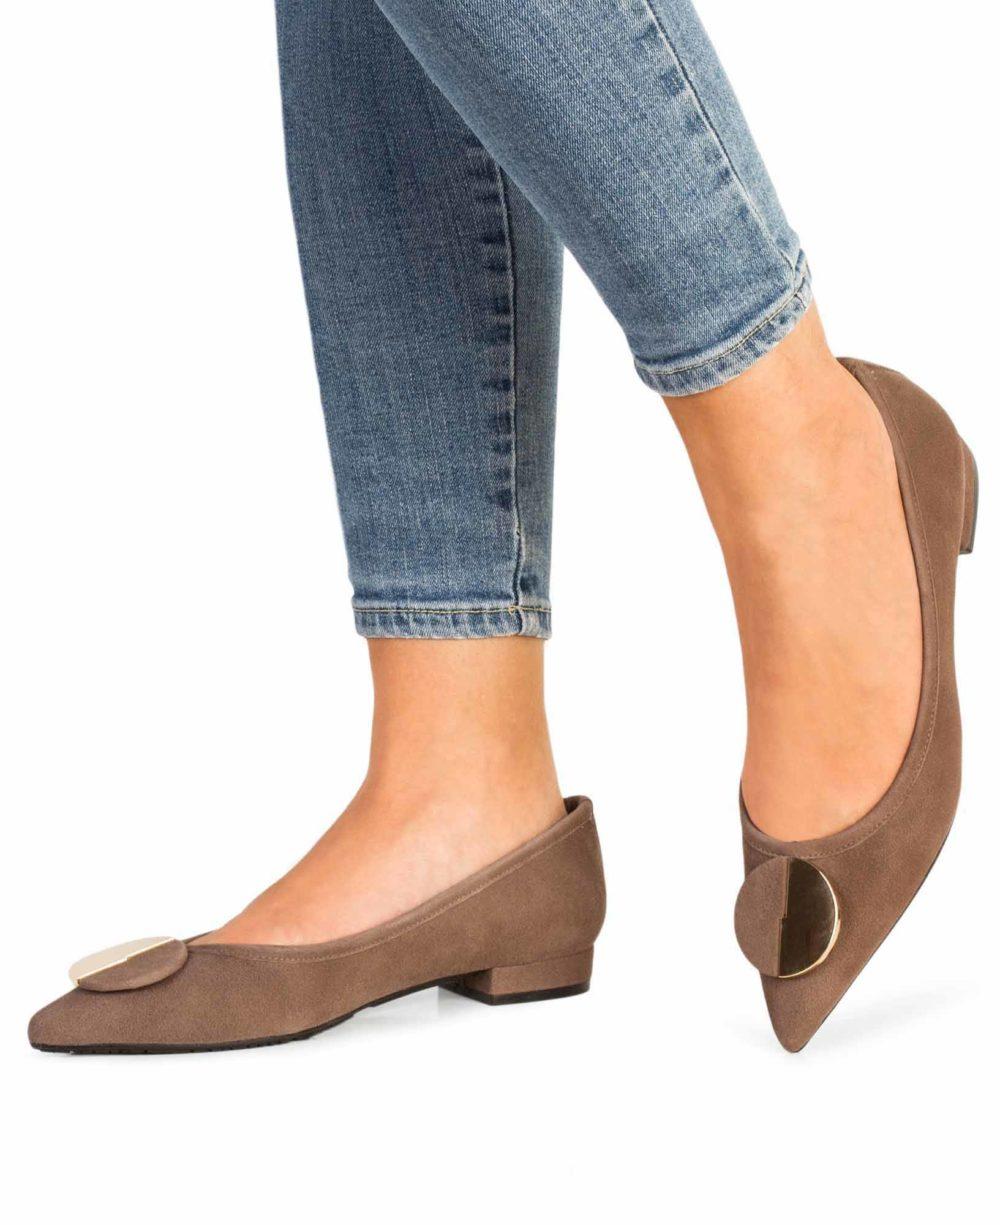 Zapatos de piel Paco Gil. P-3890 Topo Suede Piernas